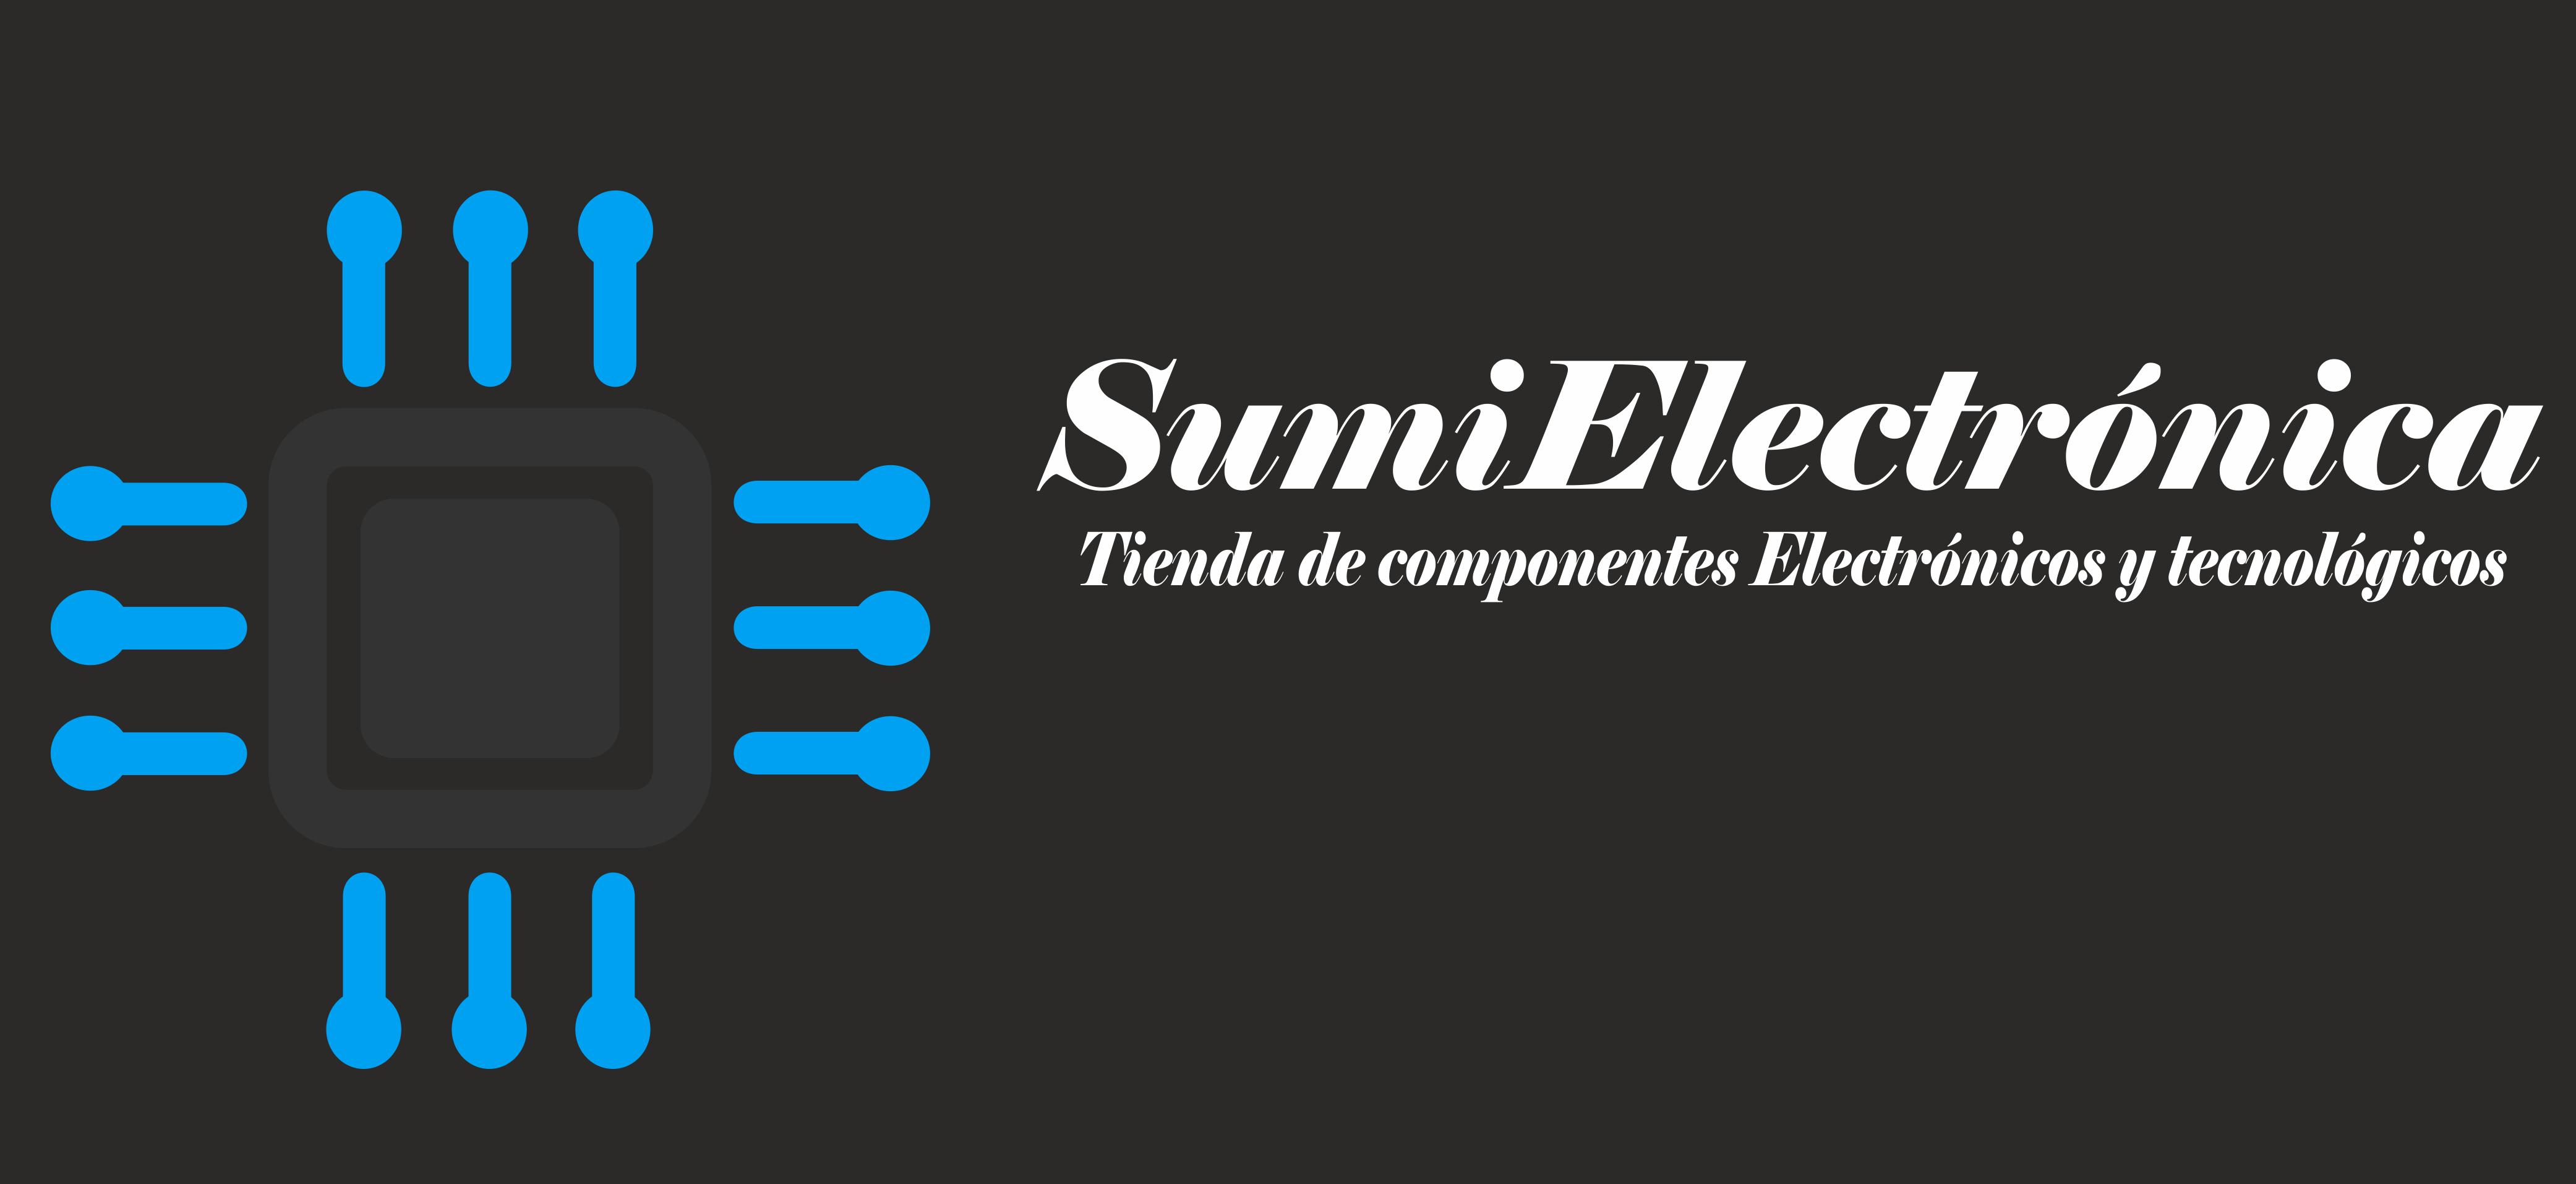 Portada SumiElectronica.com